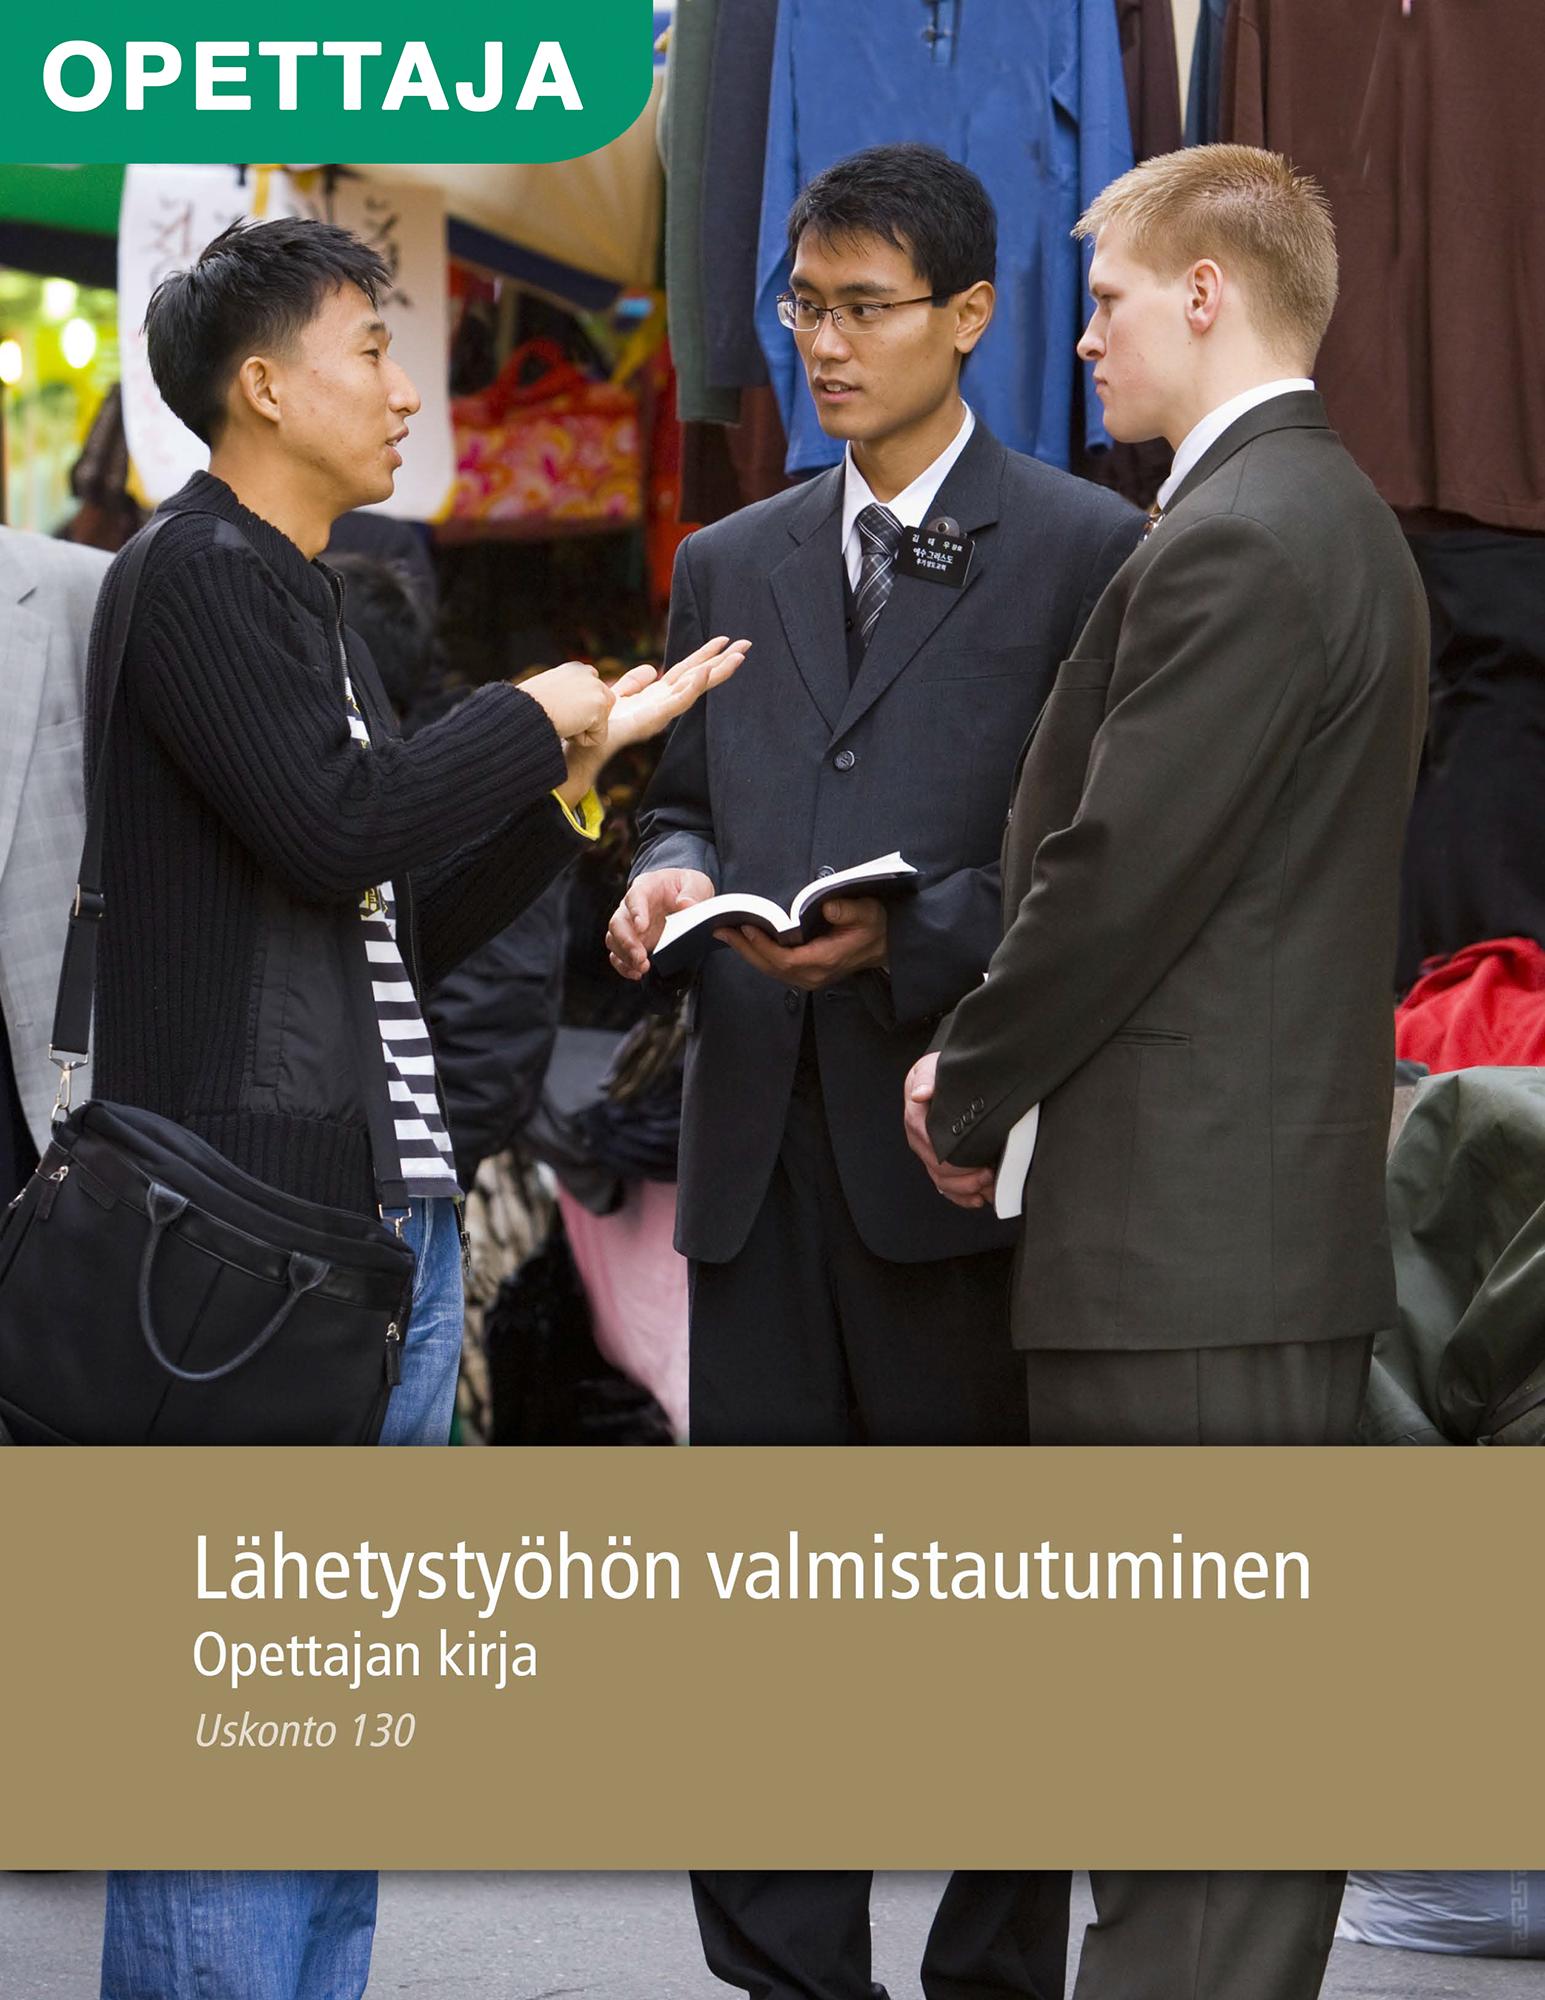 Lähetystyöhön valmistautuminen, opettajan kirja (Uskonto 130)